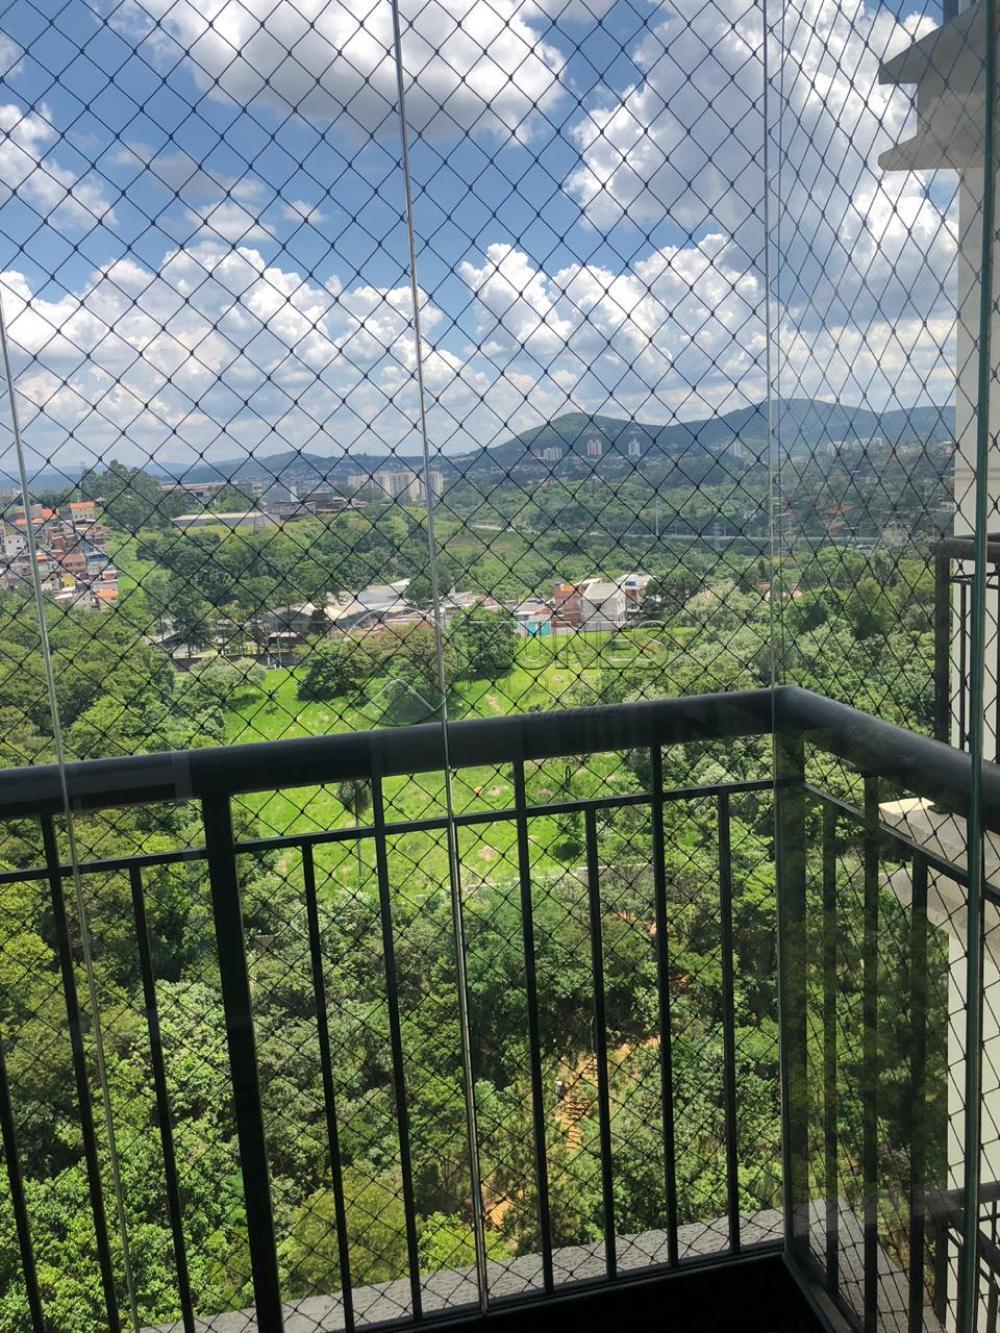 Comprar Apartamento / Padrão em Barueri apenas R$ 520.000,00 - Foto 9